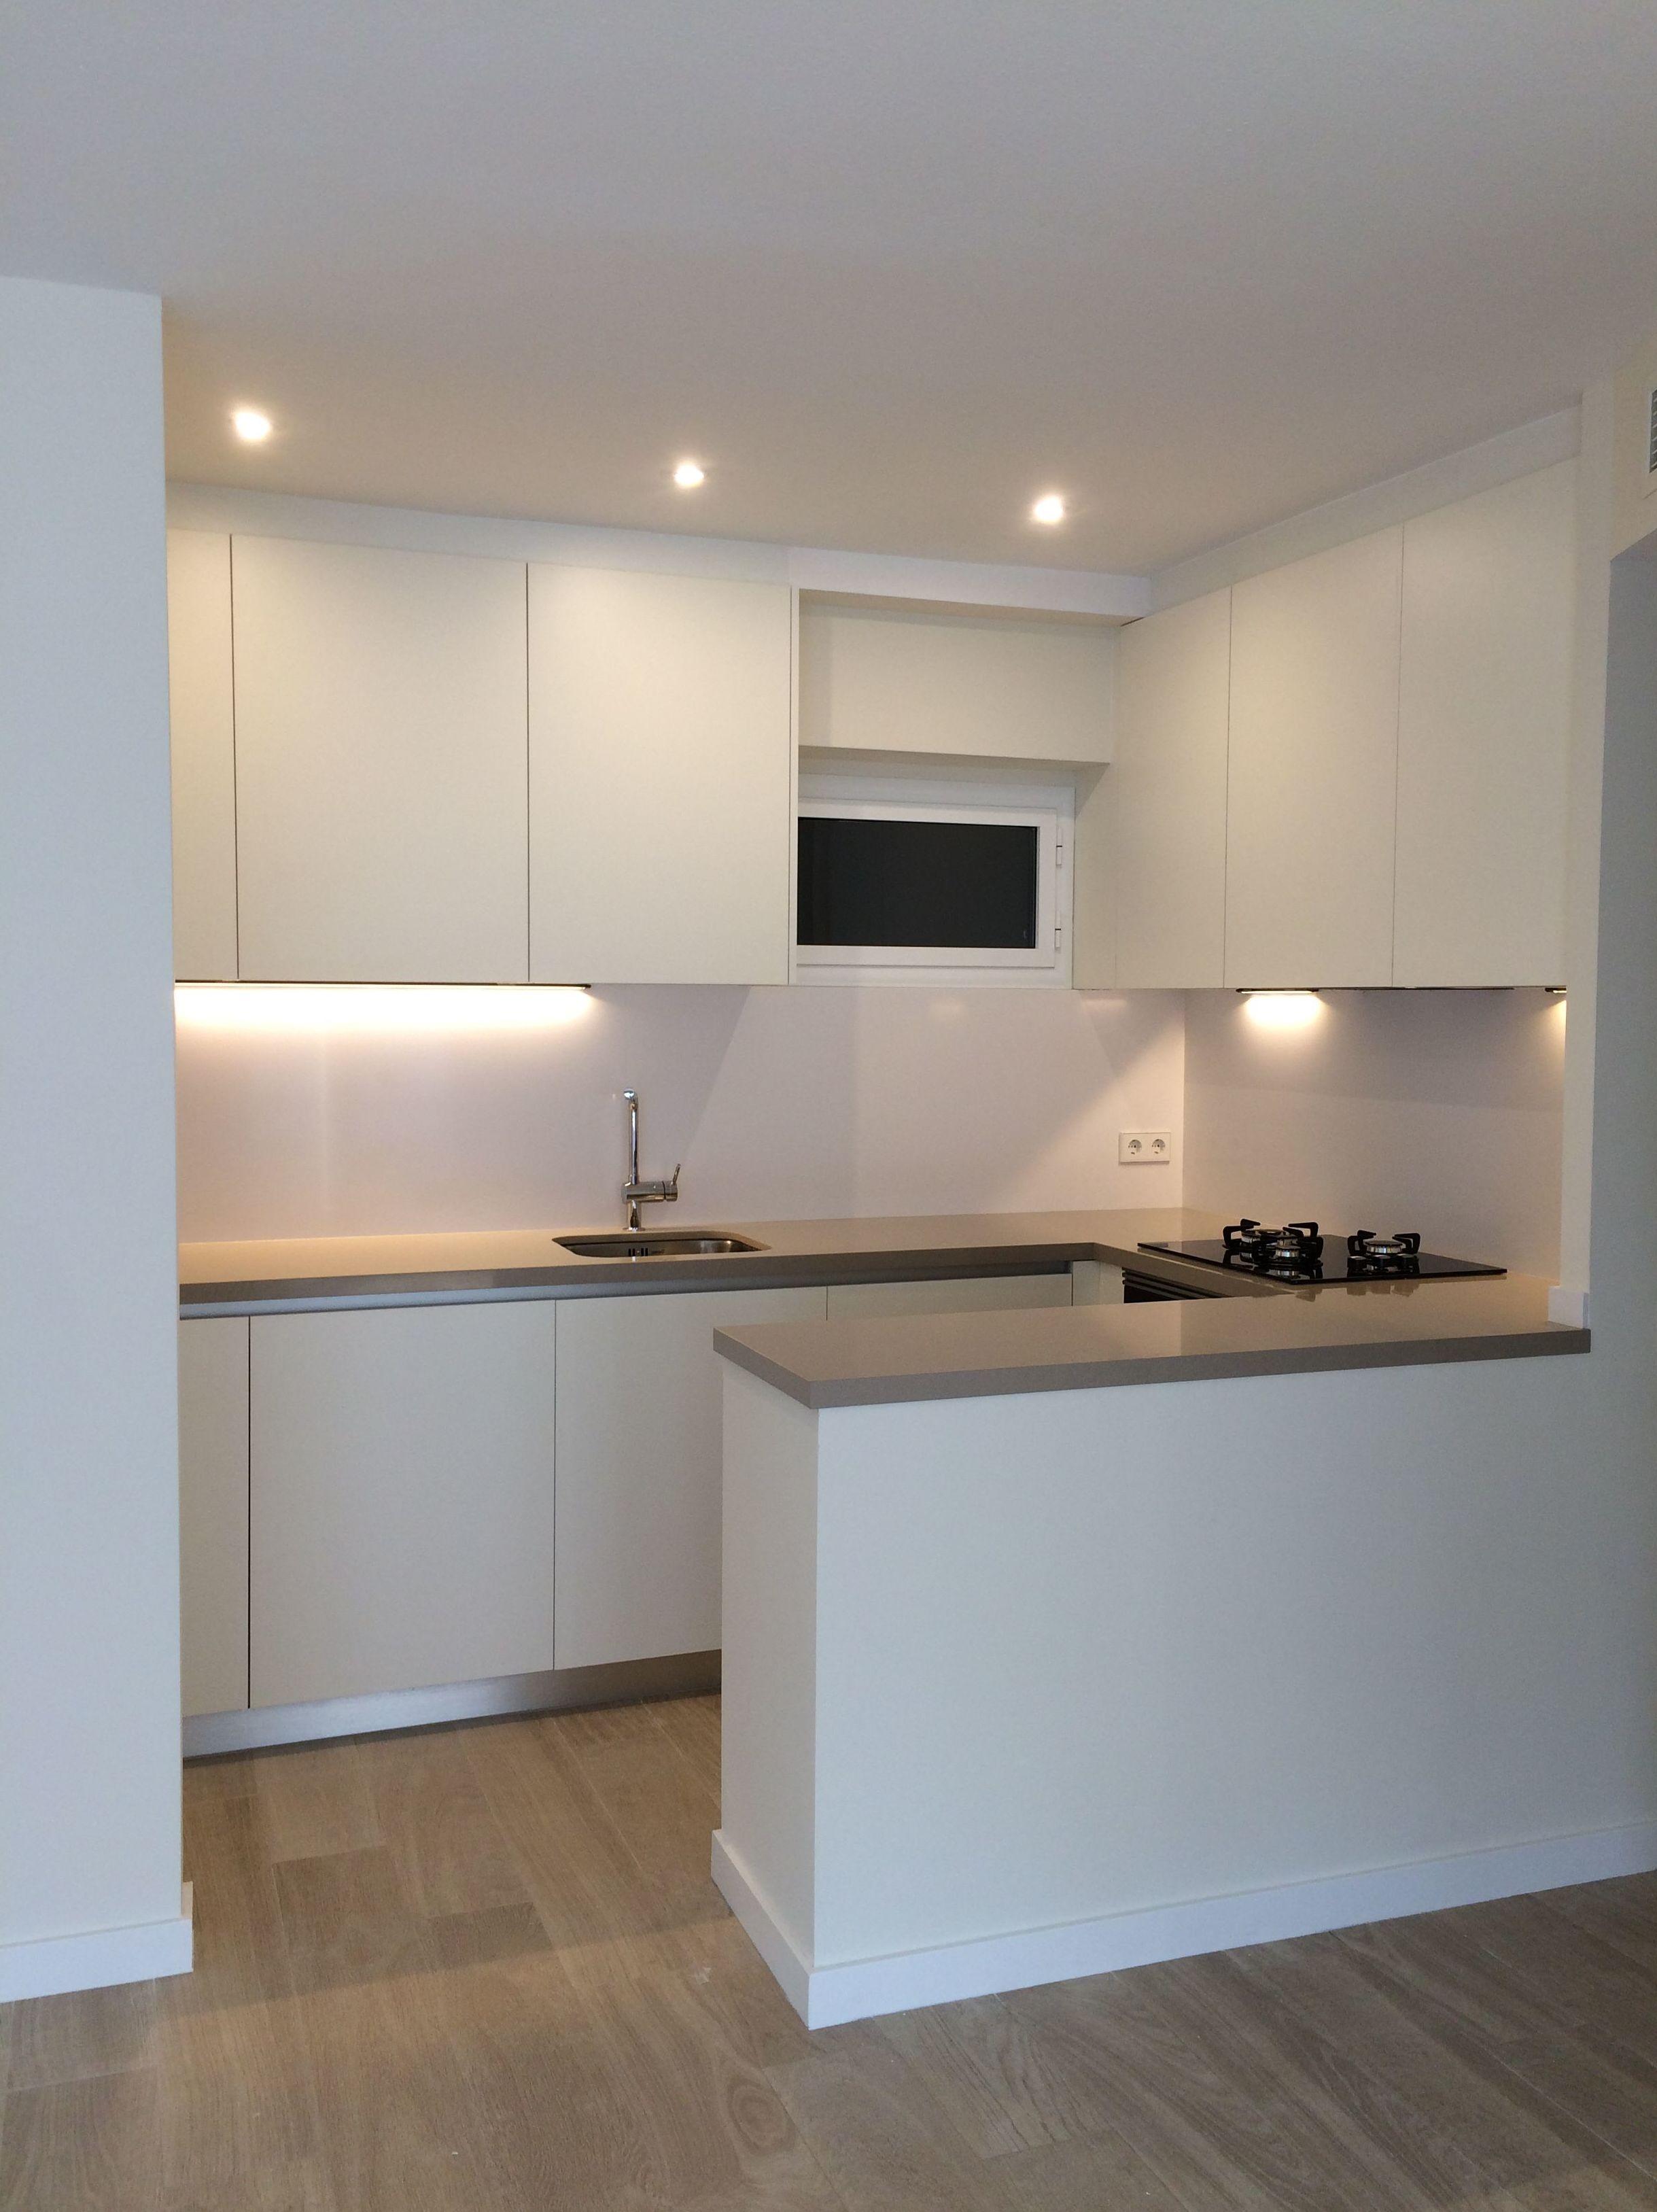 Hermoso reformar cocina y ba o galer a de im genes foto - Reformar muebles ...